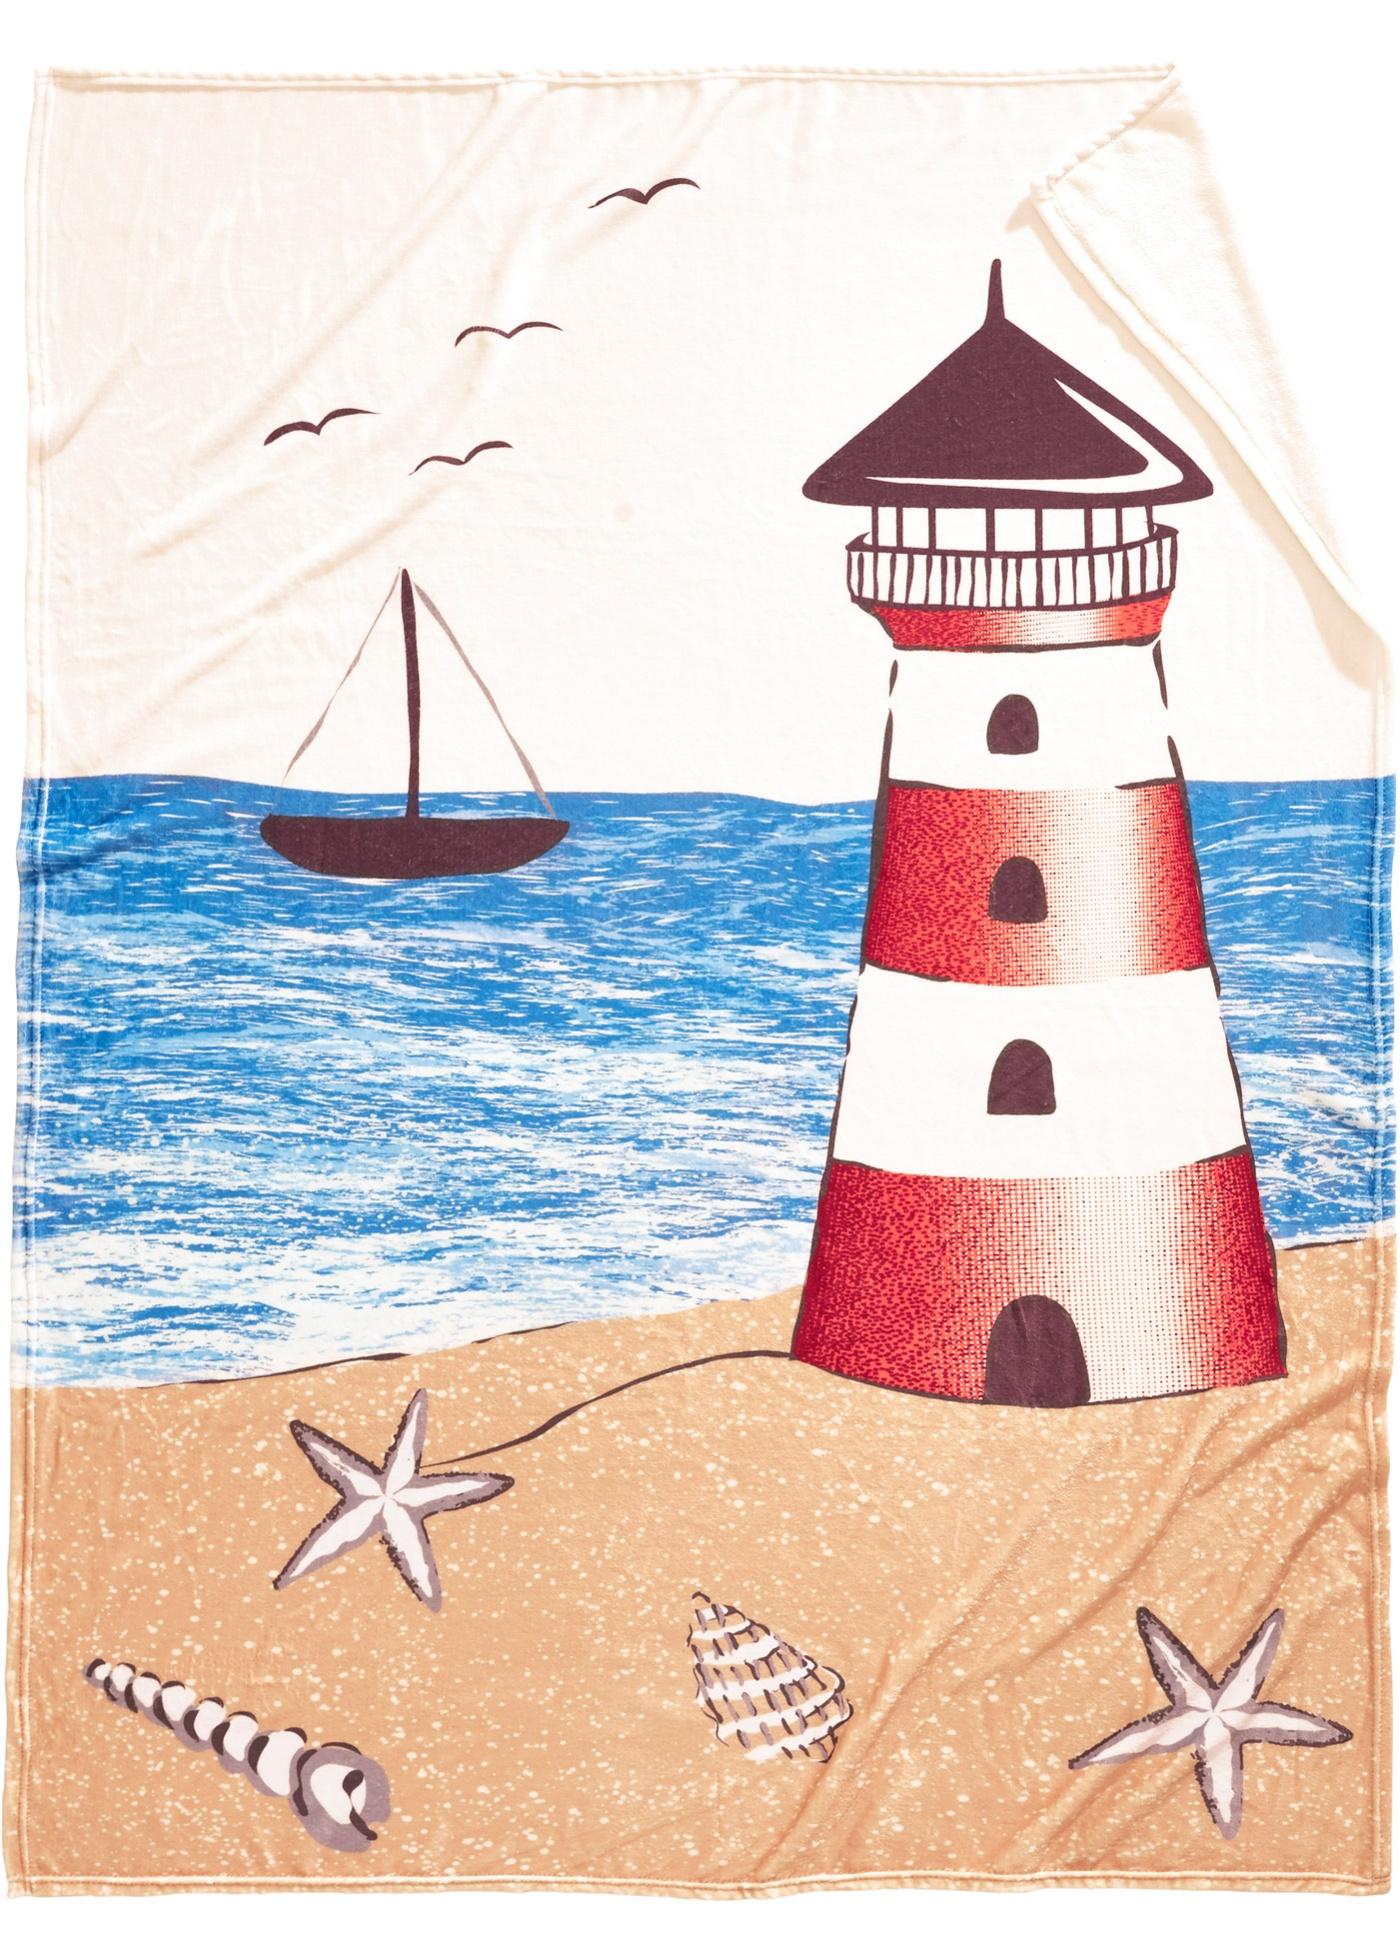 Couverture douillette à imprimé marin avec phare et voilier. Commandez aussi le linge de lit assorti de la série Martina.